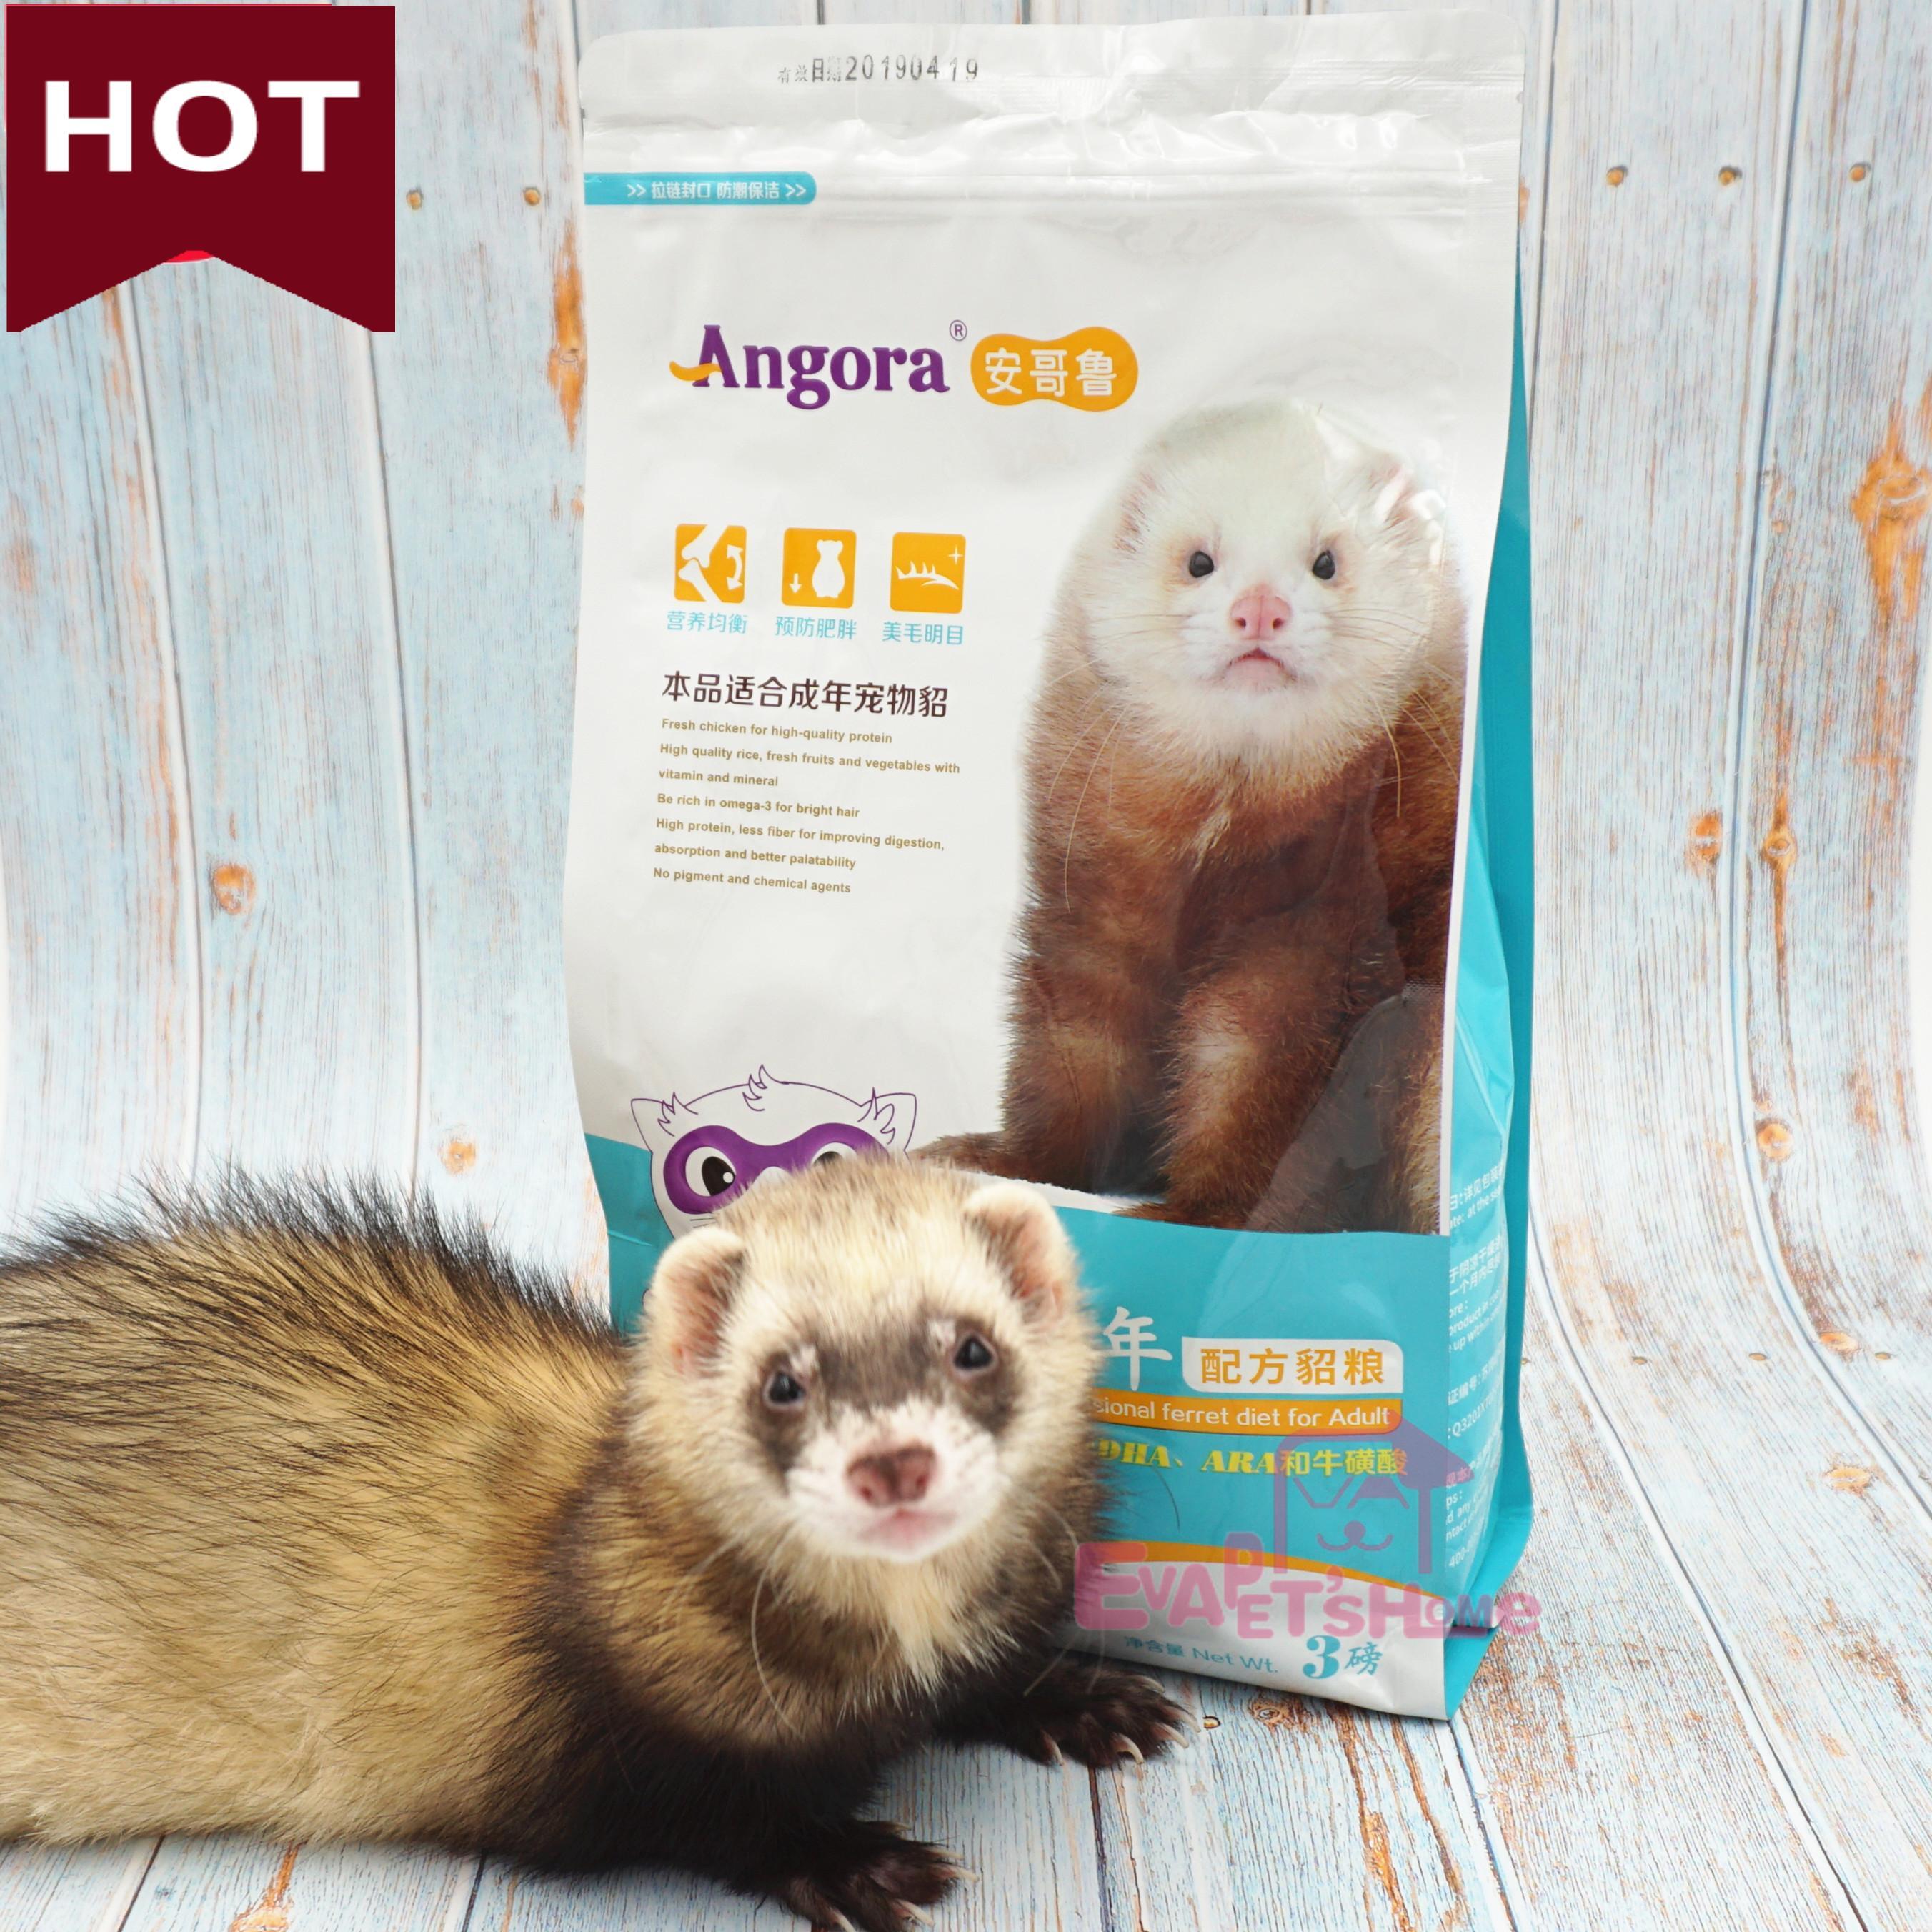 安哥鲁雪貂 宠物貂 安格鲁貂粮专家(成年版)授权专卖 两袋包邮图片